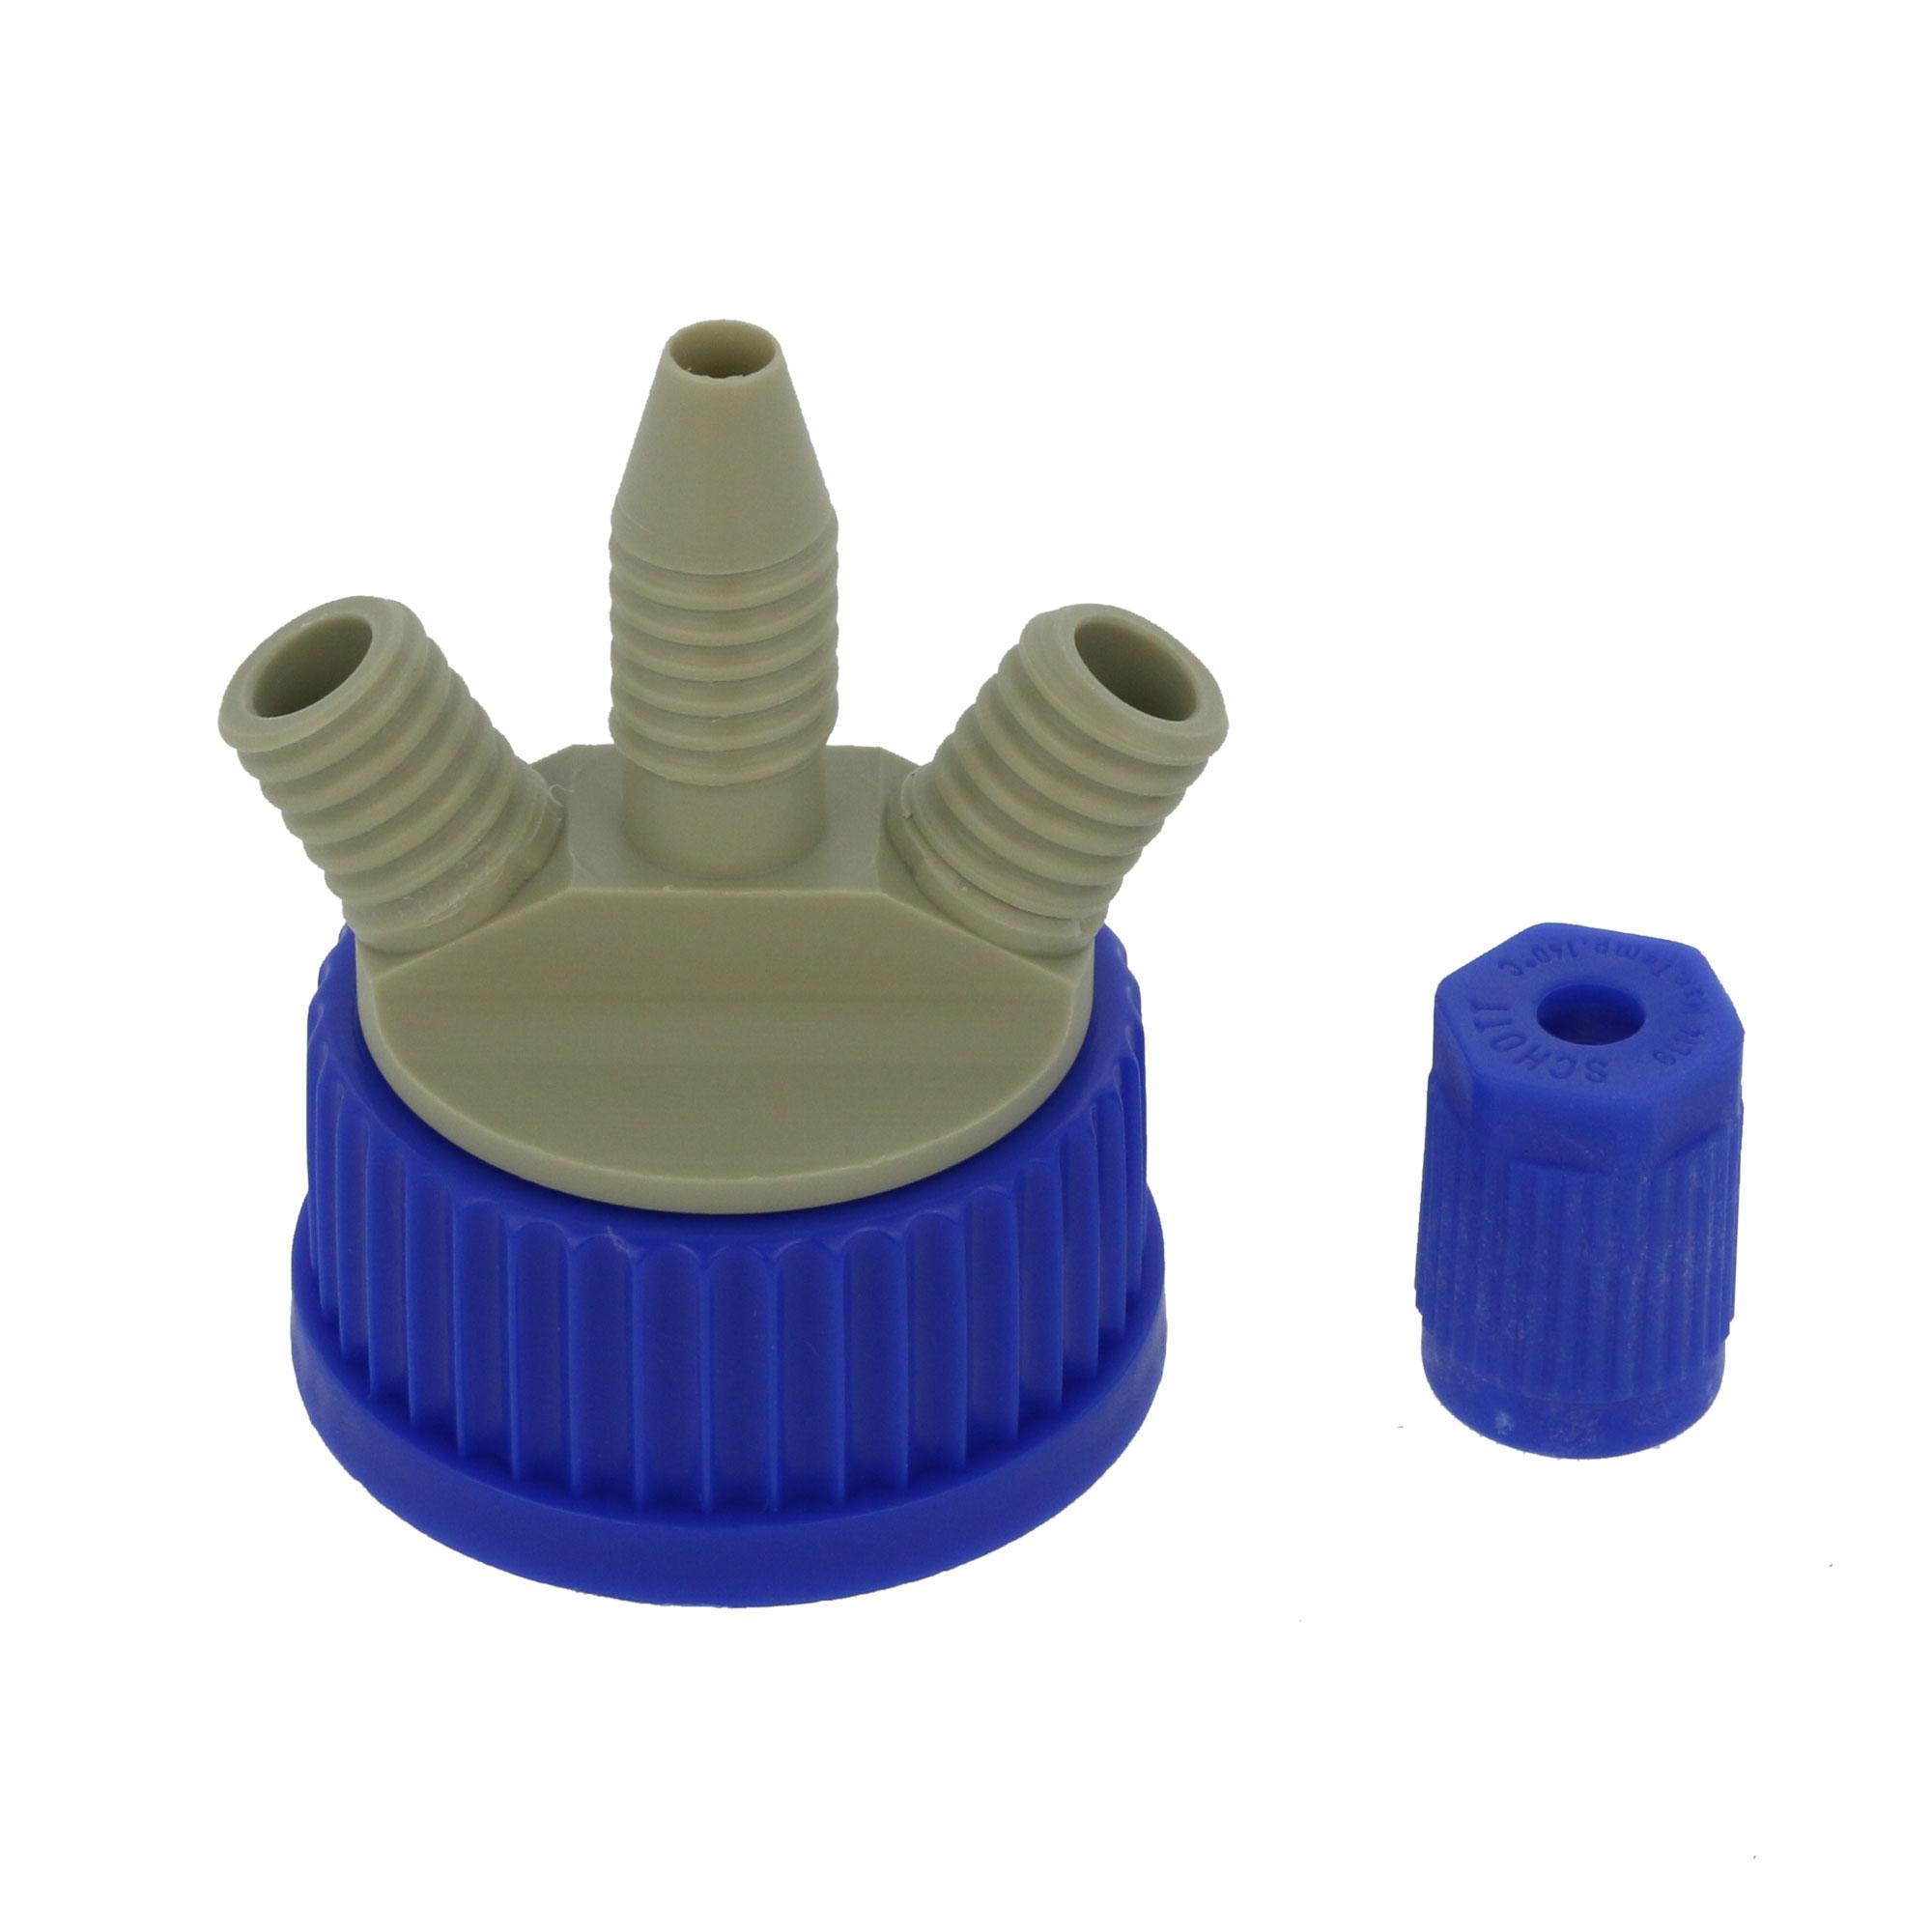 DURAN 撹拌容器キャップセット(シャフトなし) GL-45